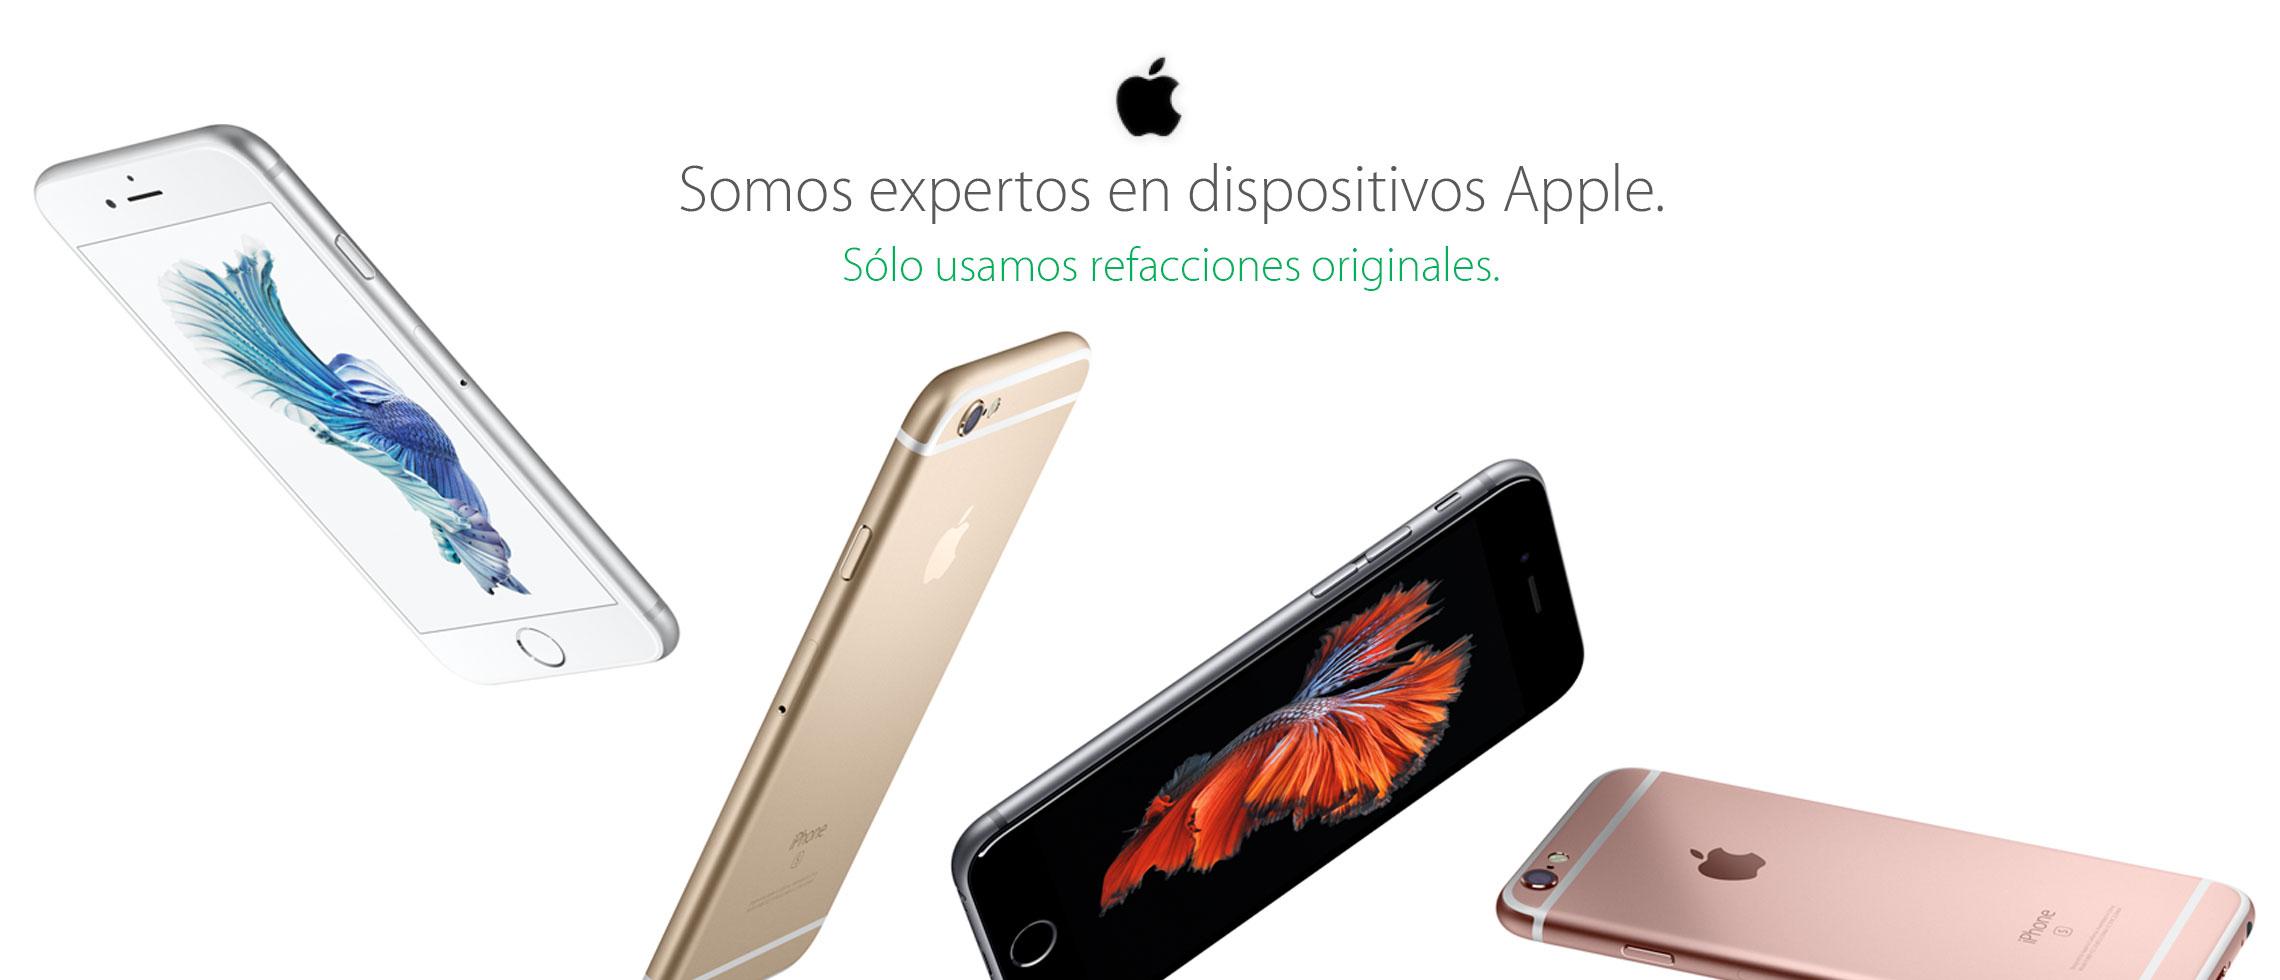 Dispositivos reparados en el servicio de reparacion de apple